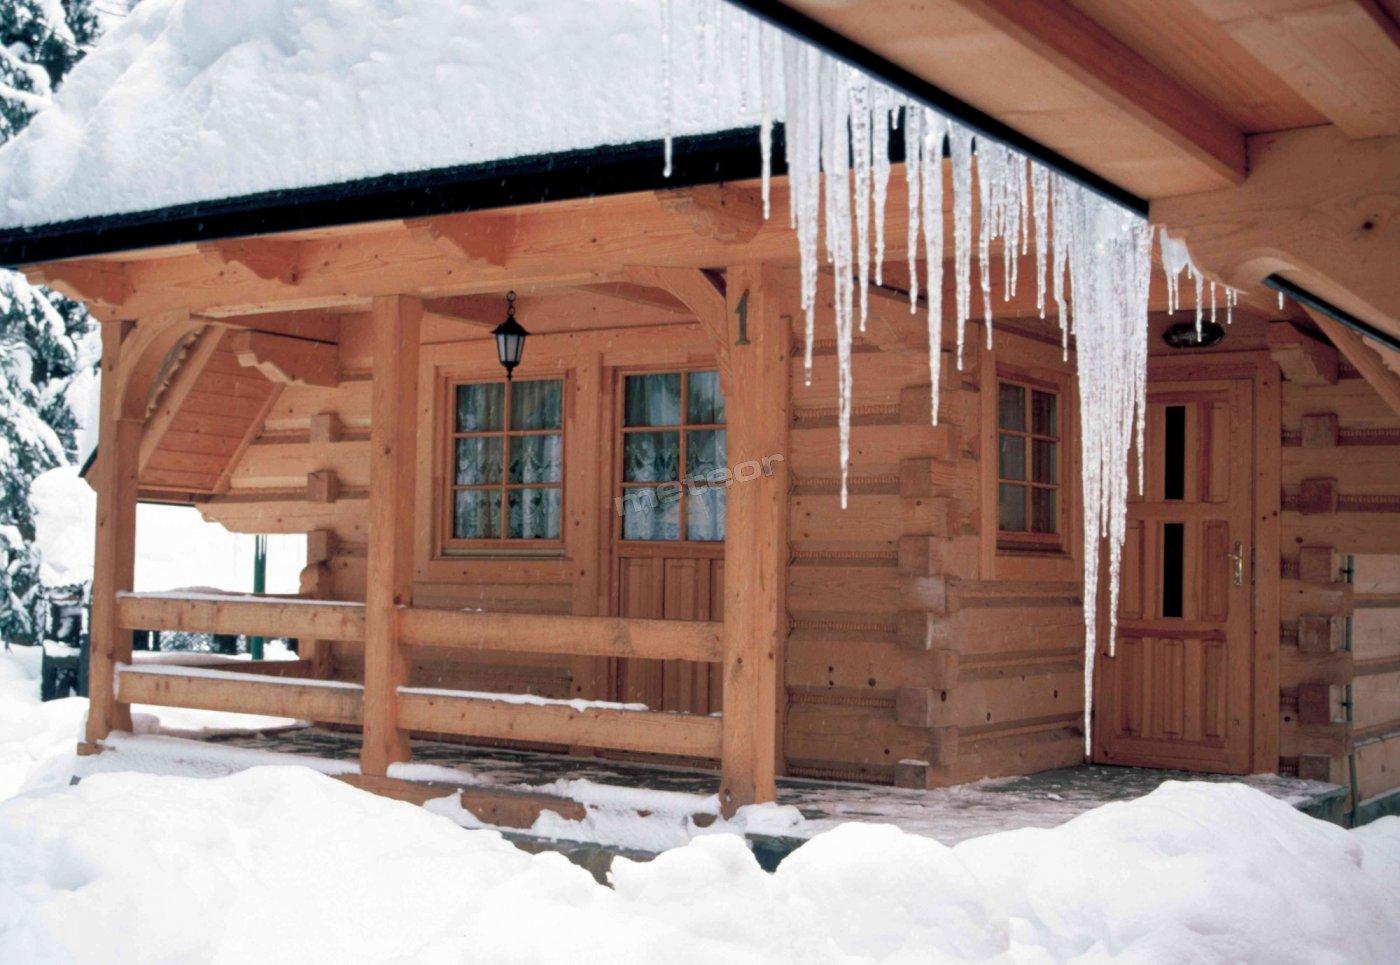 chata góralska zima